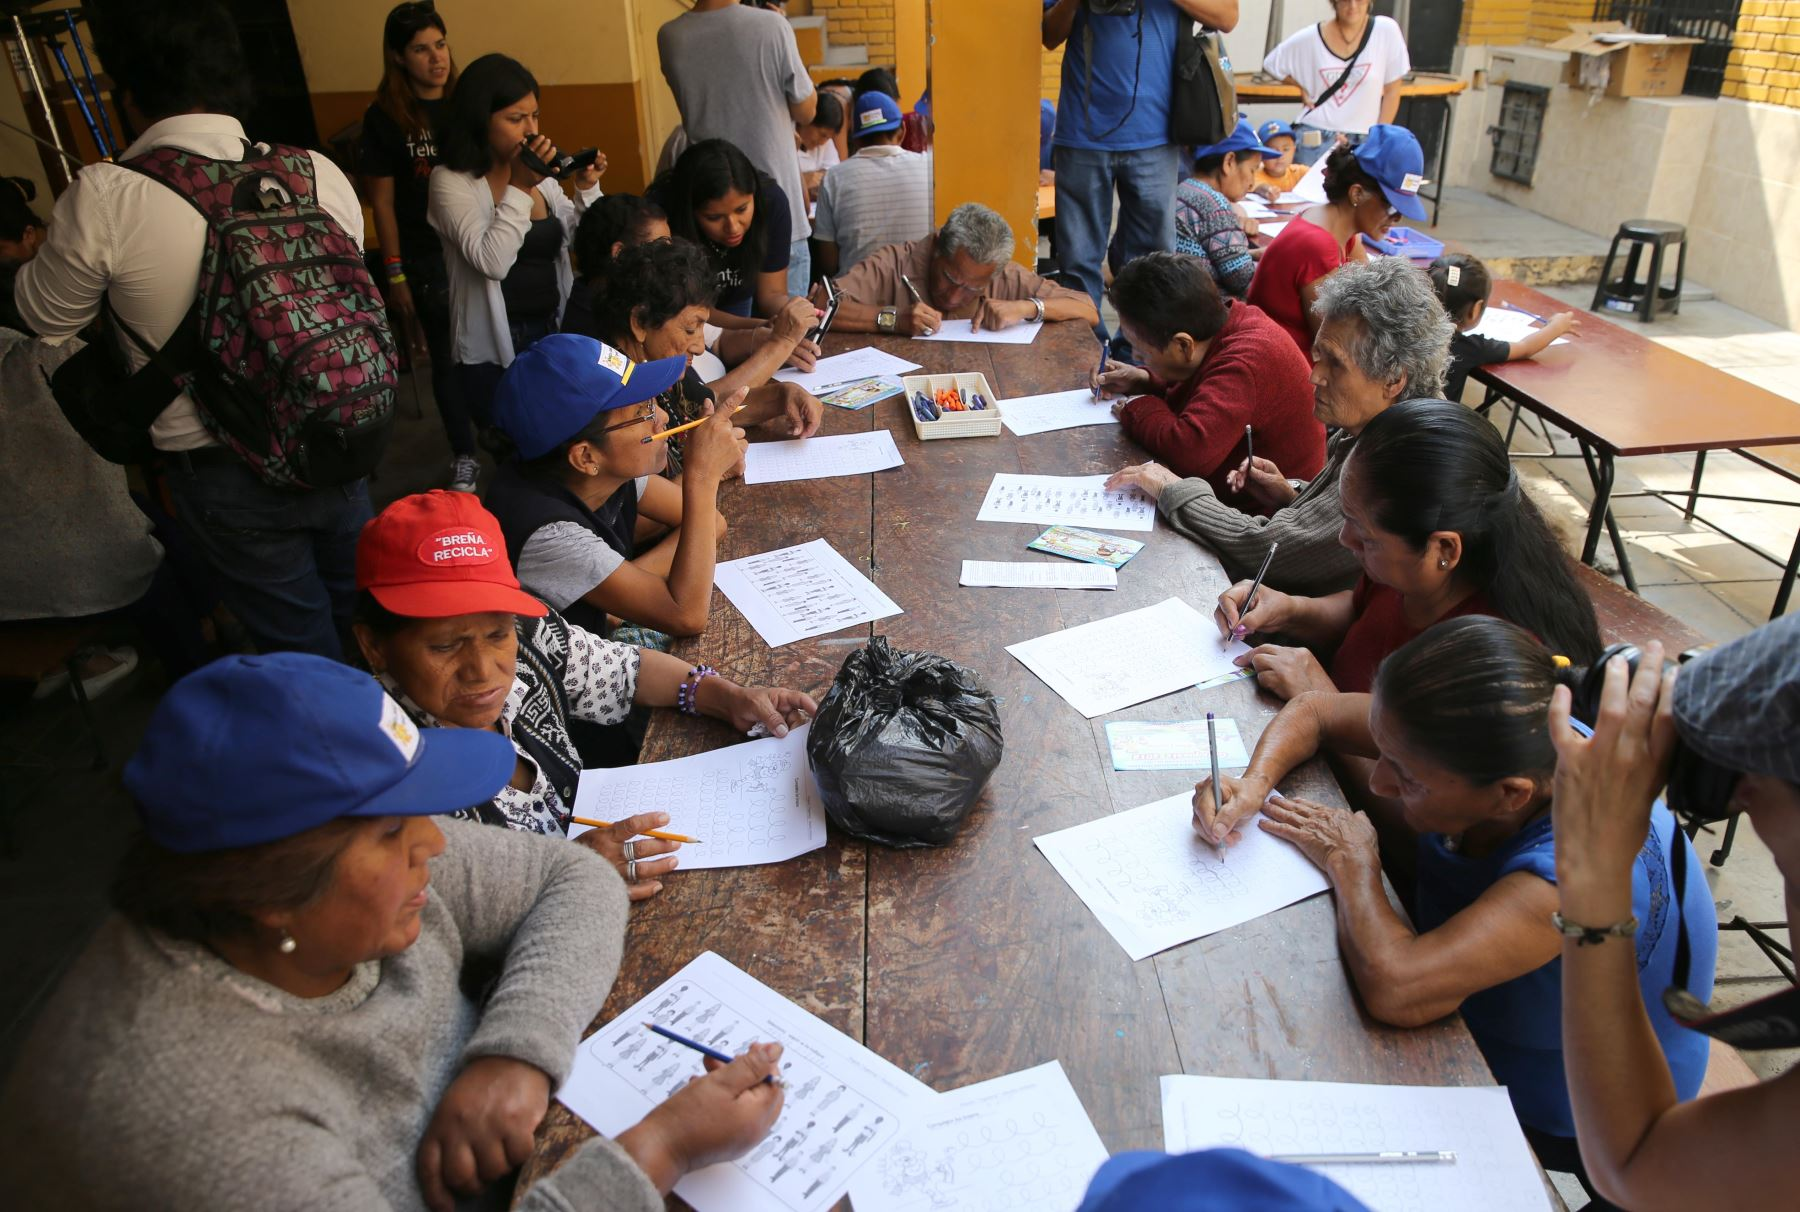 Abuelos quechua-hablantes del distrito de El Agustino aprenden a leer, escribir en español mediante el uso de tablets facilitadas por voluntaria de Telefónica del Perú. Foto: ANDINA/ Norman Córdova